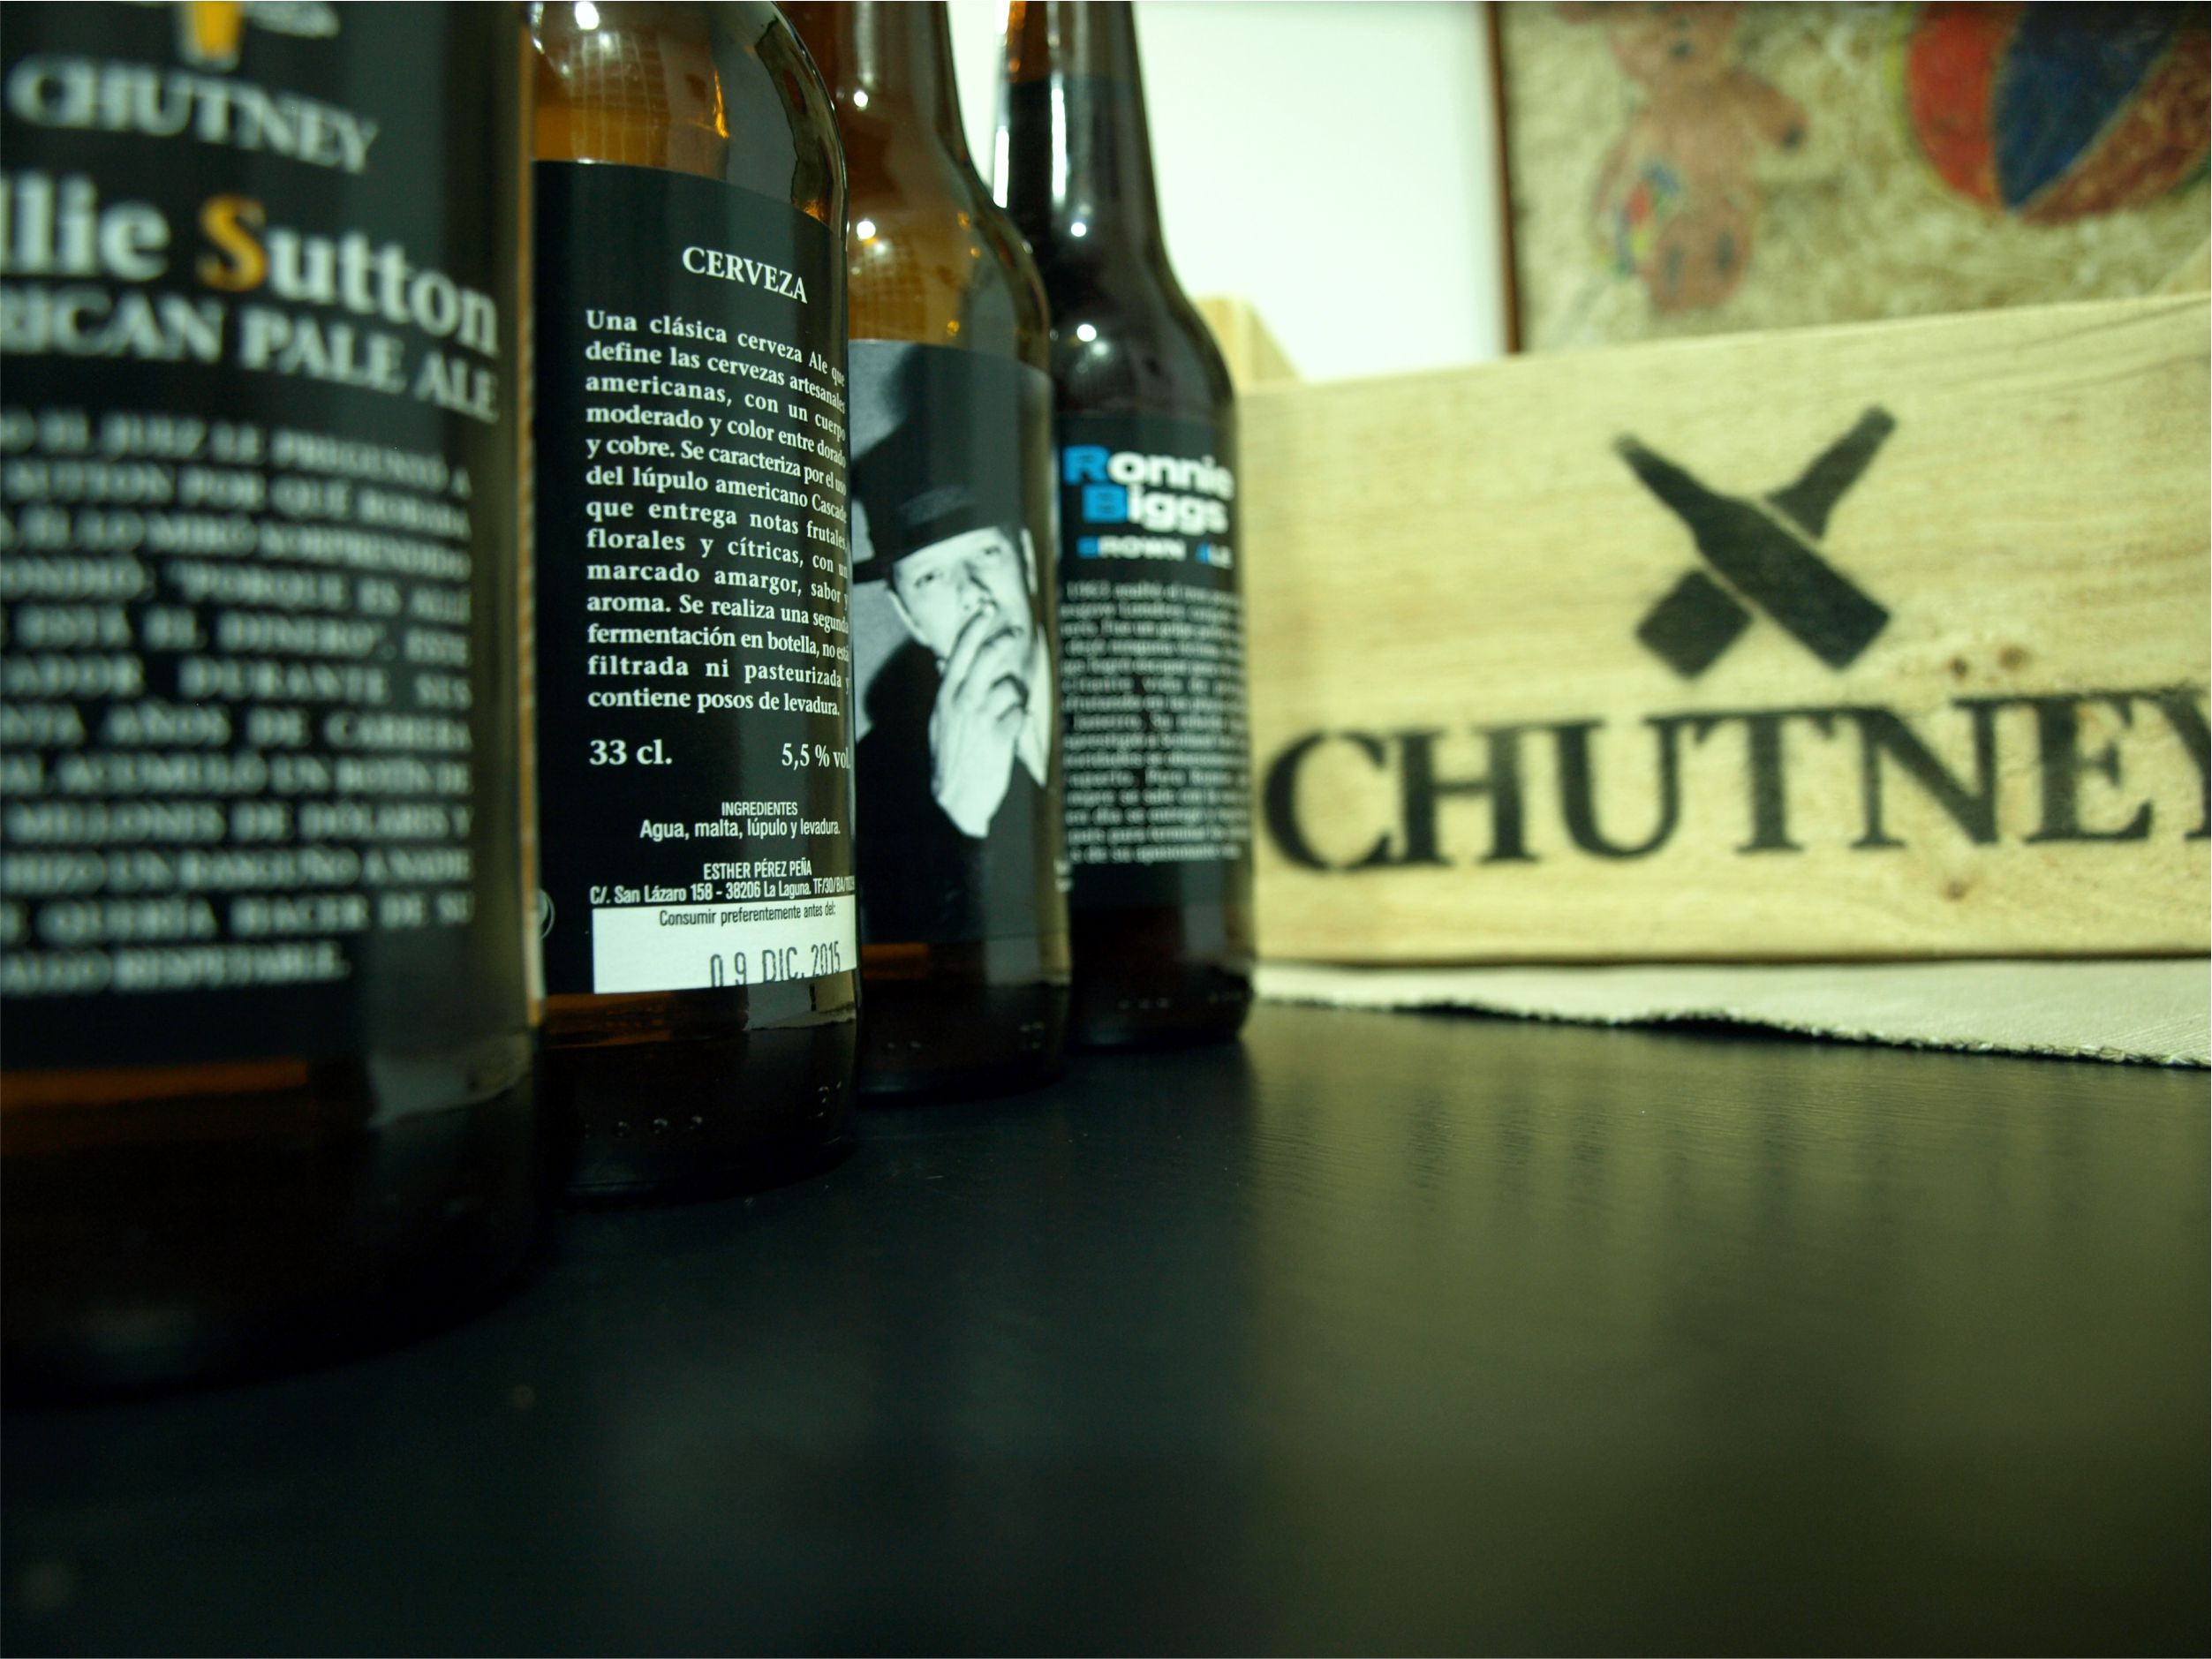 Entrevistamos a Chutney – Cervezas y Lugares